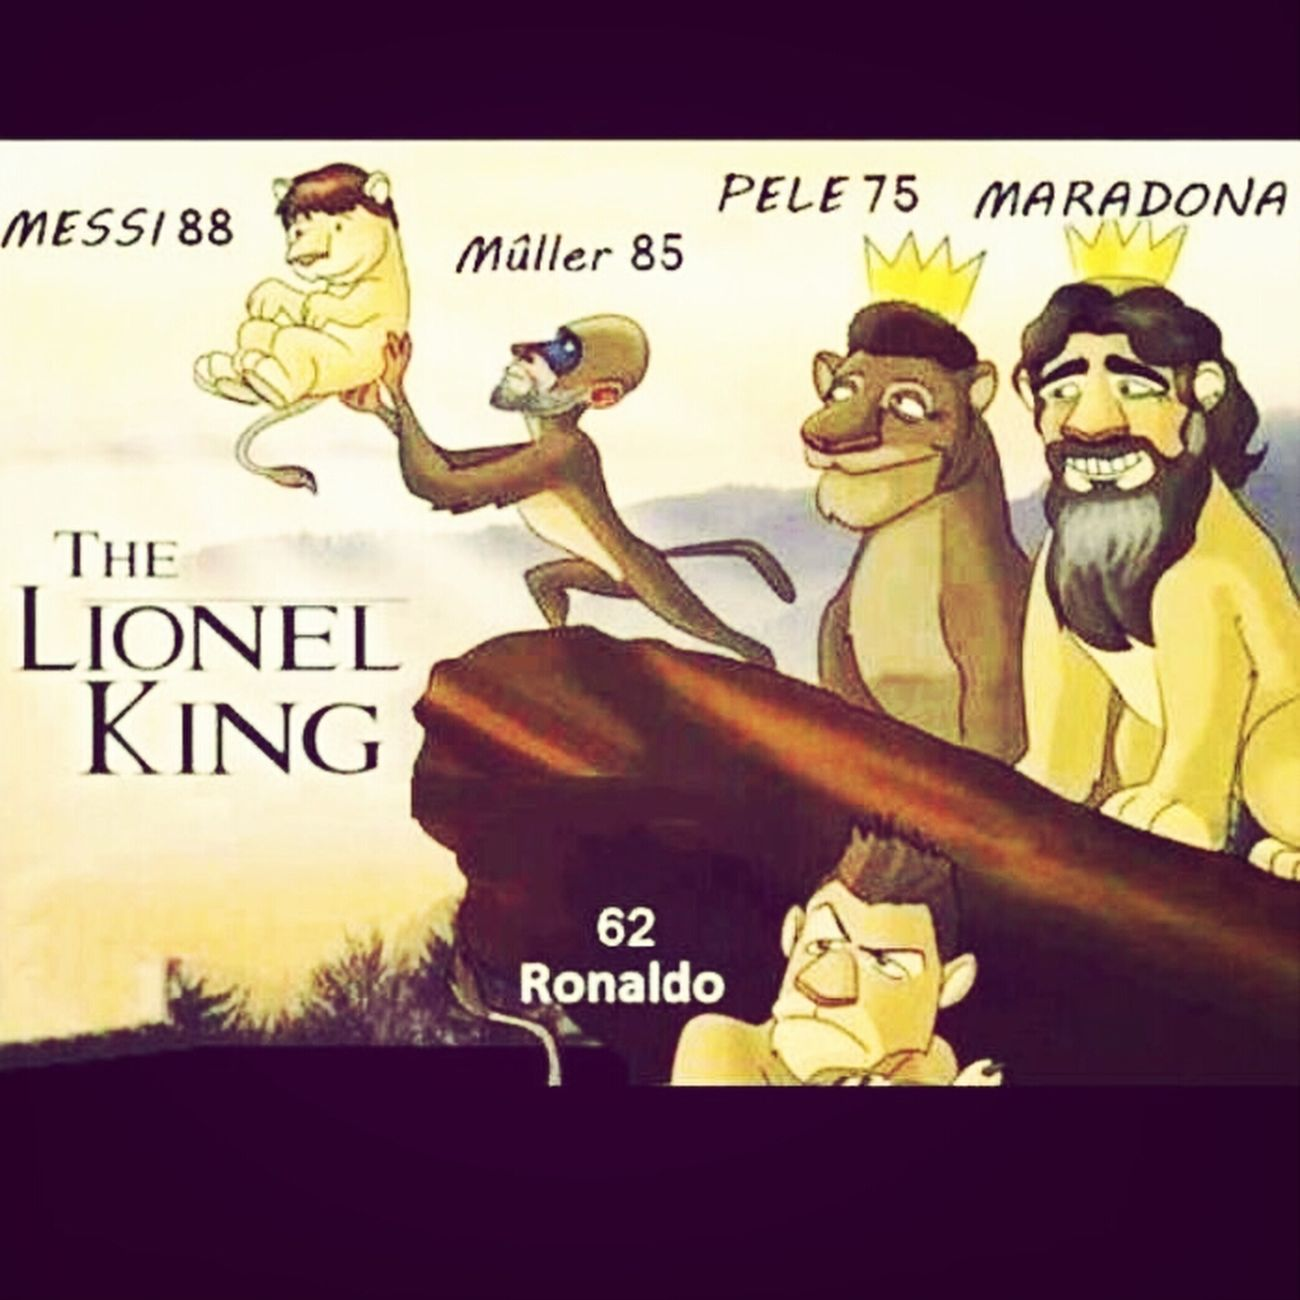 The King ♥ #Visca Barca